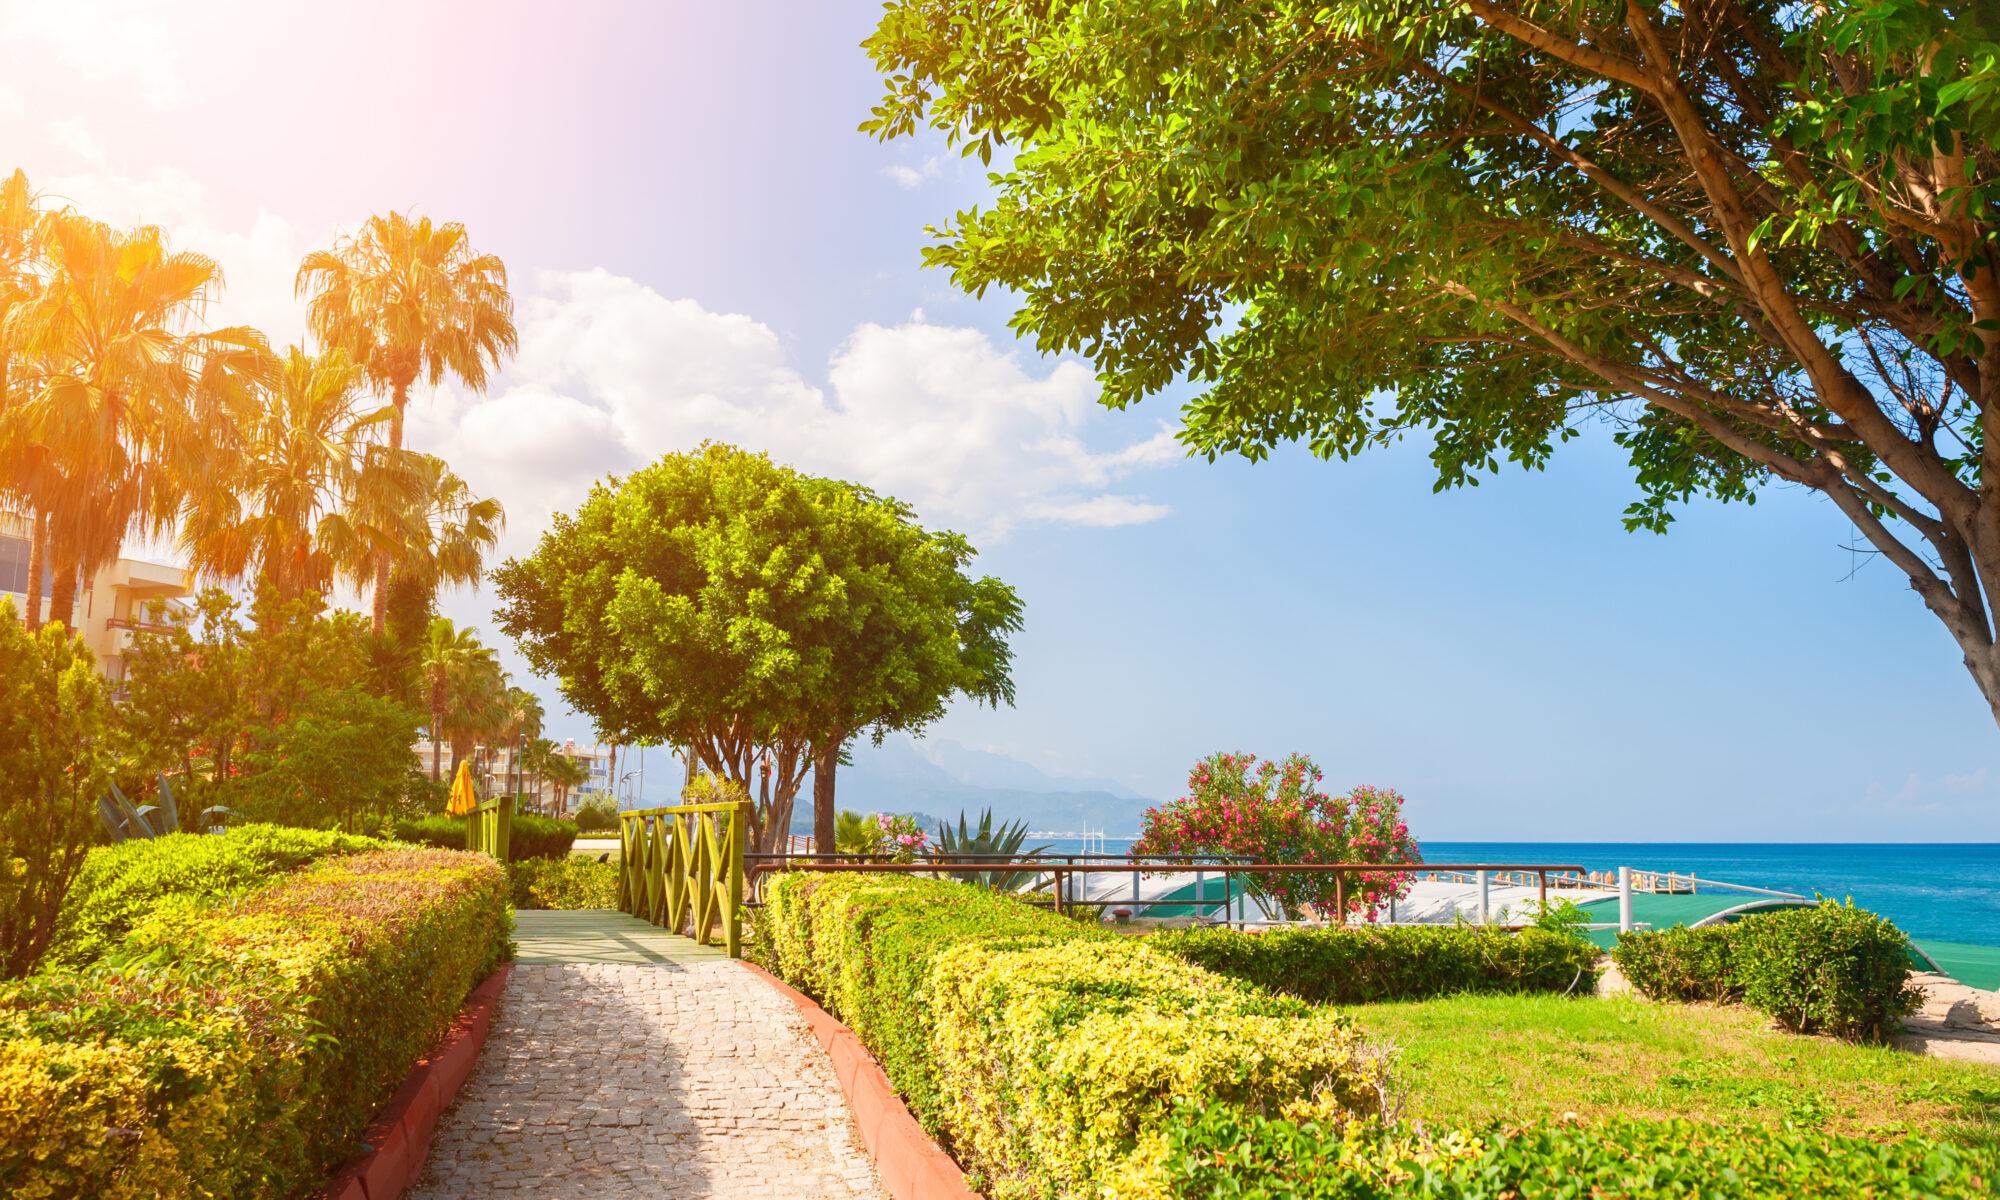 Prachtige boulevard aan zee met groene bomen in Kemer, Turkije